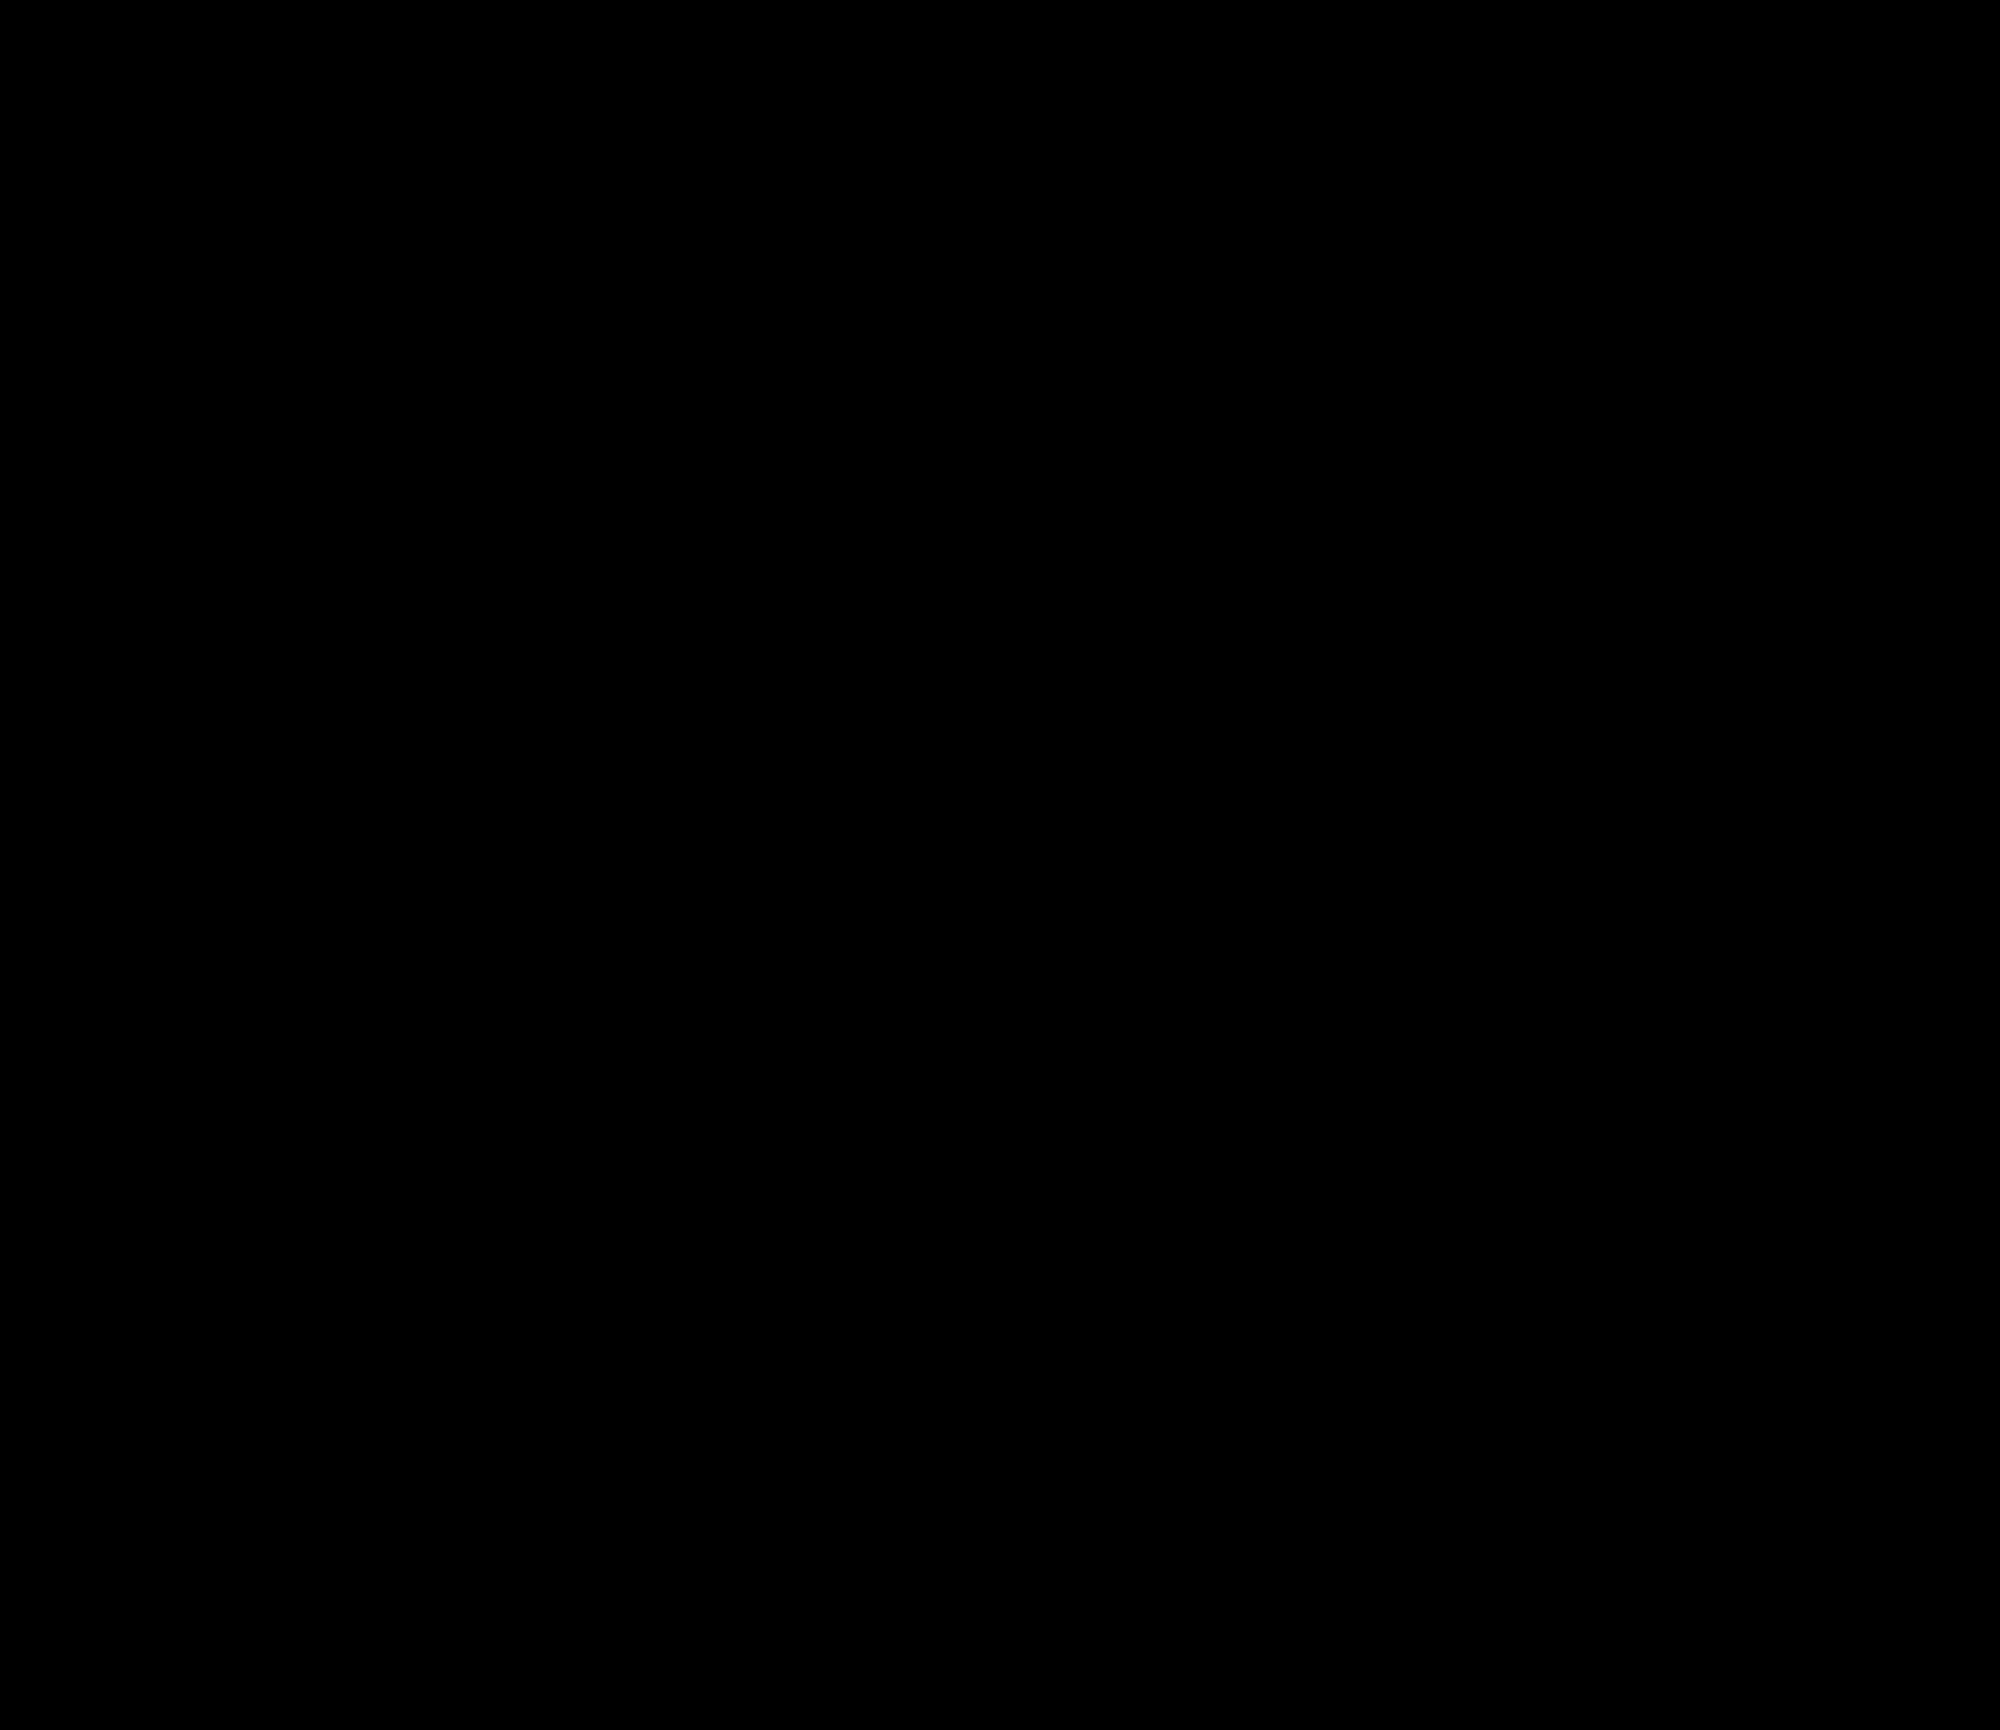 2000x1730 15 Hexagon Transparent Png For Free Download On Mbtskoudsalg